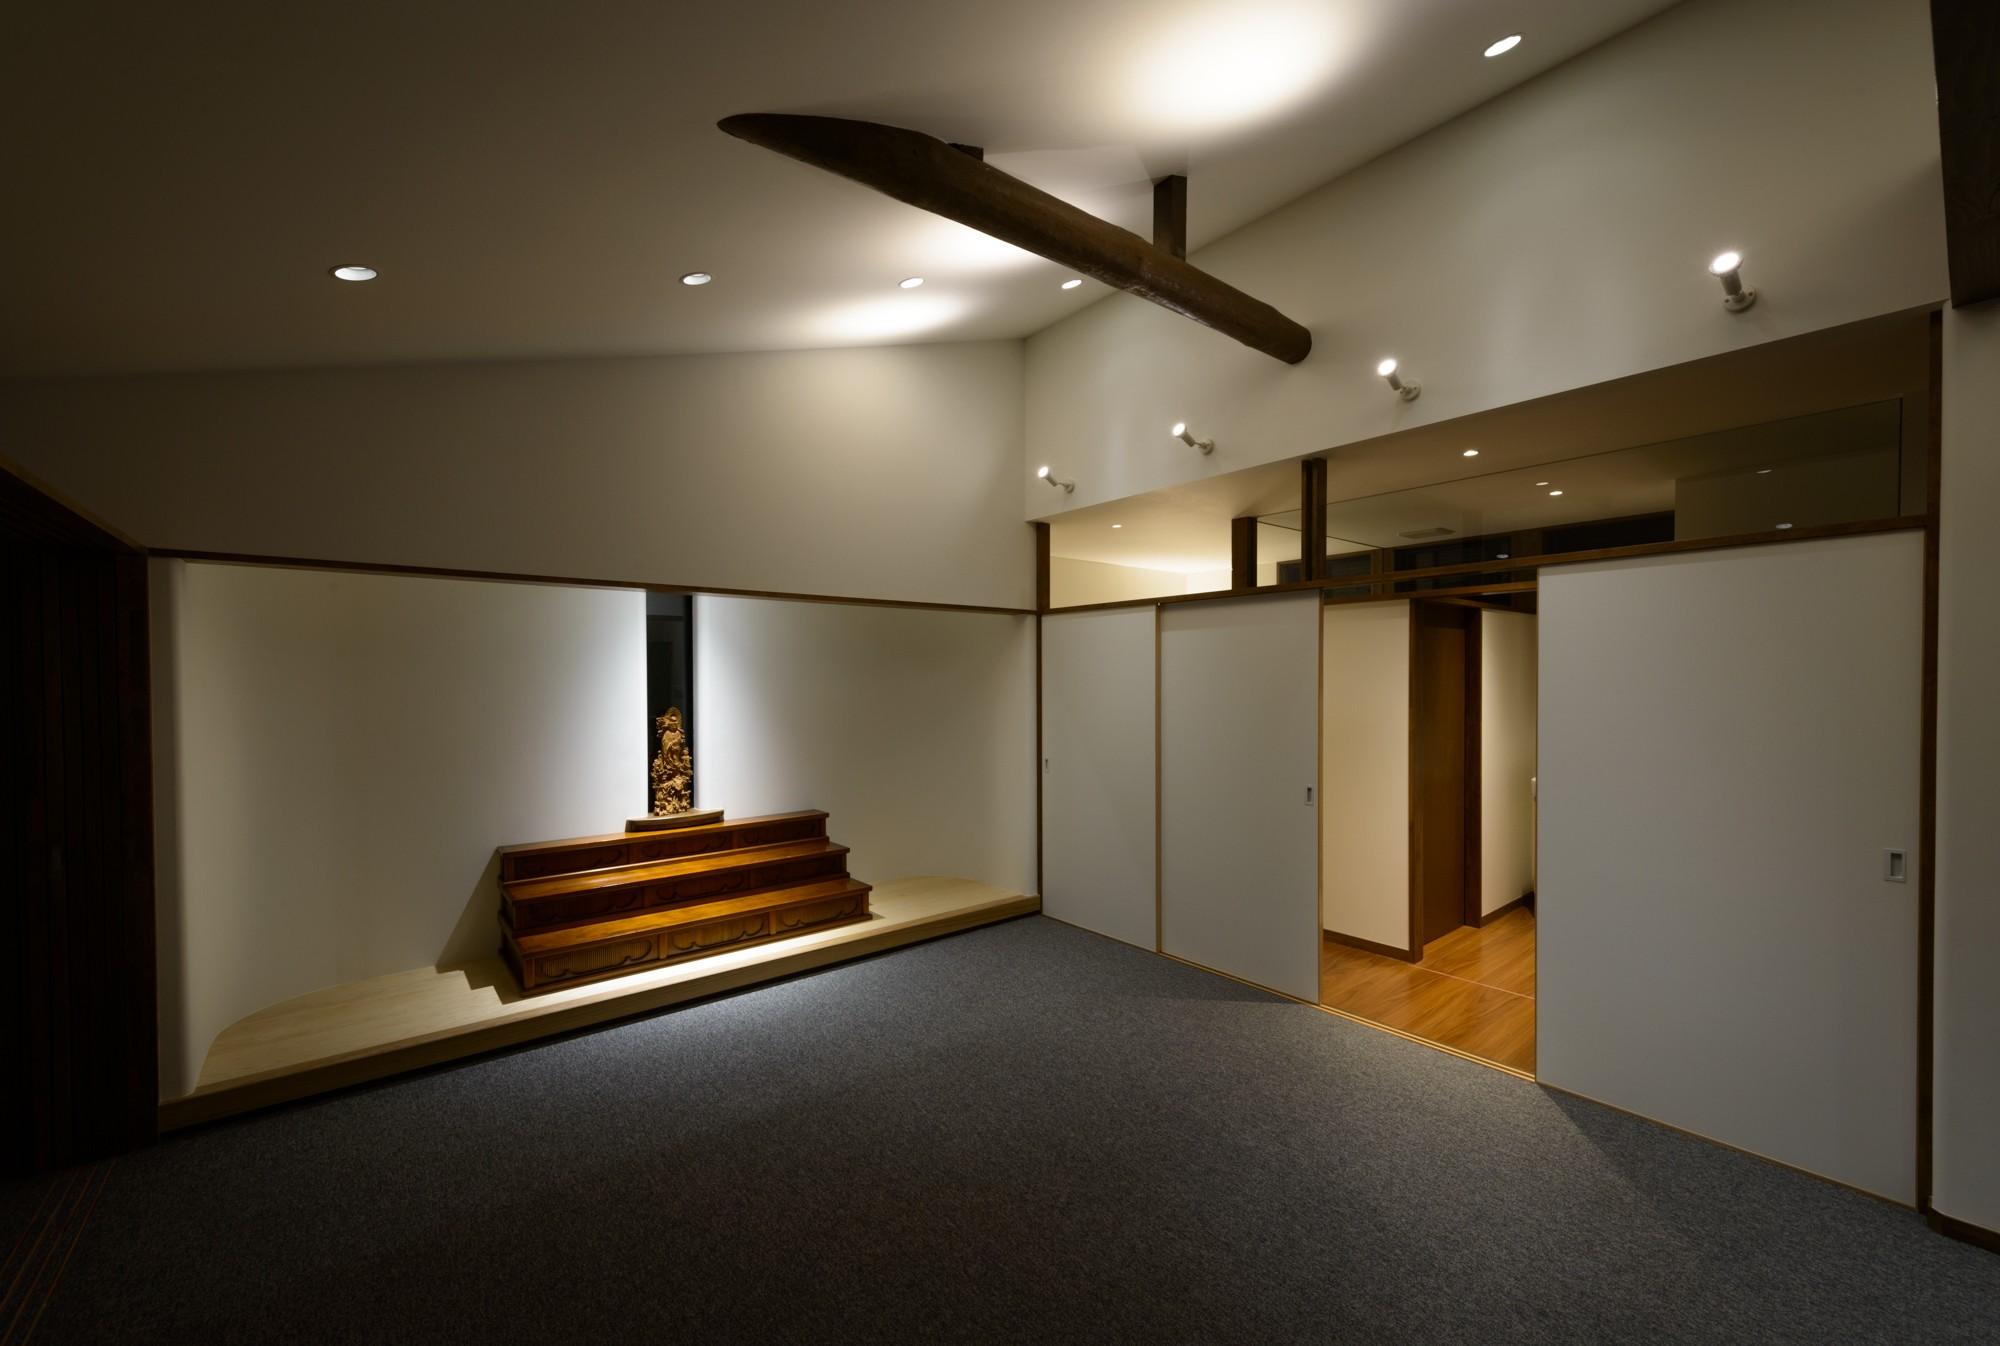 その他事例:教室・集会室(リフォーム・リノベーション(築50年の住宅を小さな式場に))